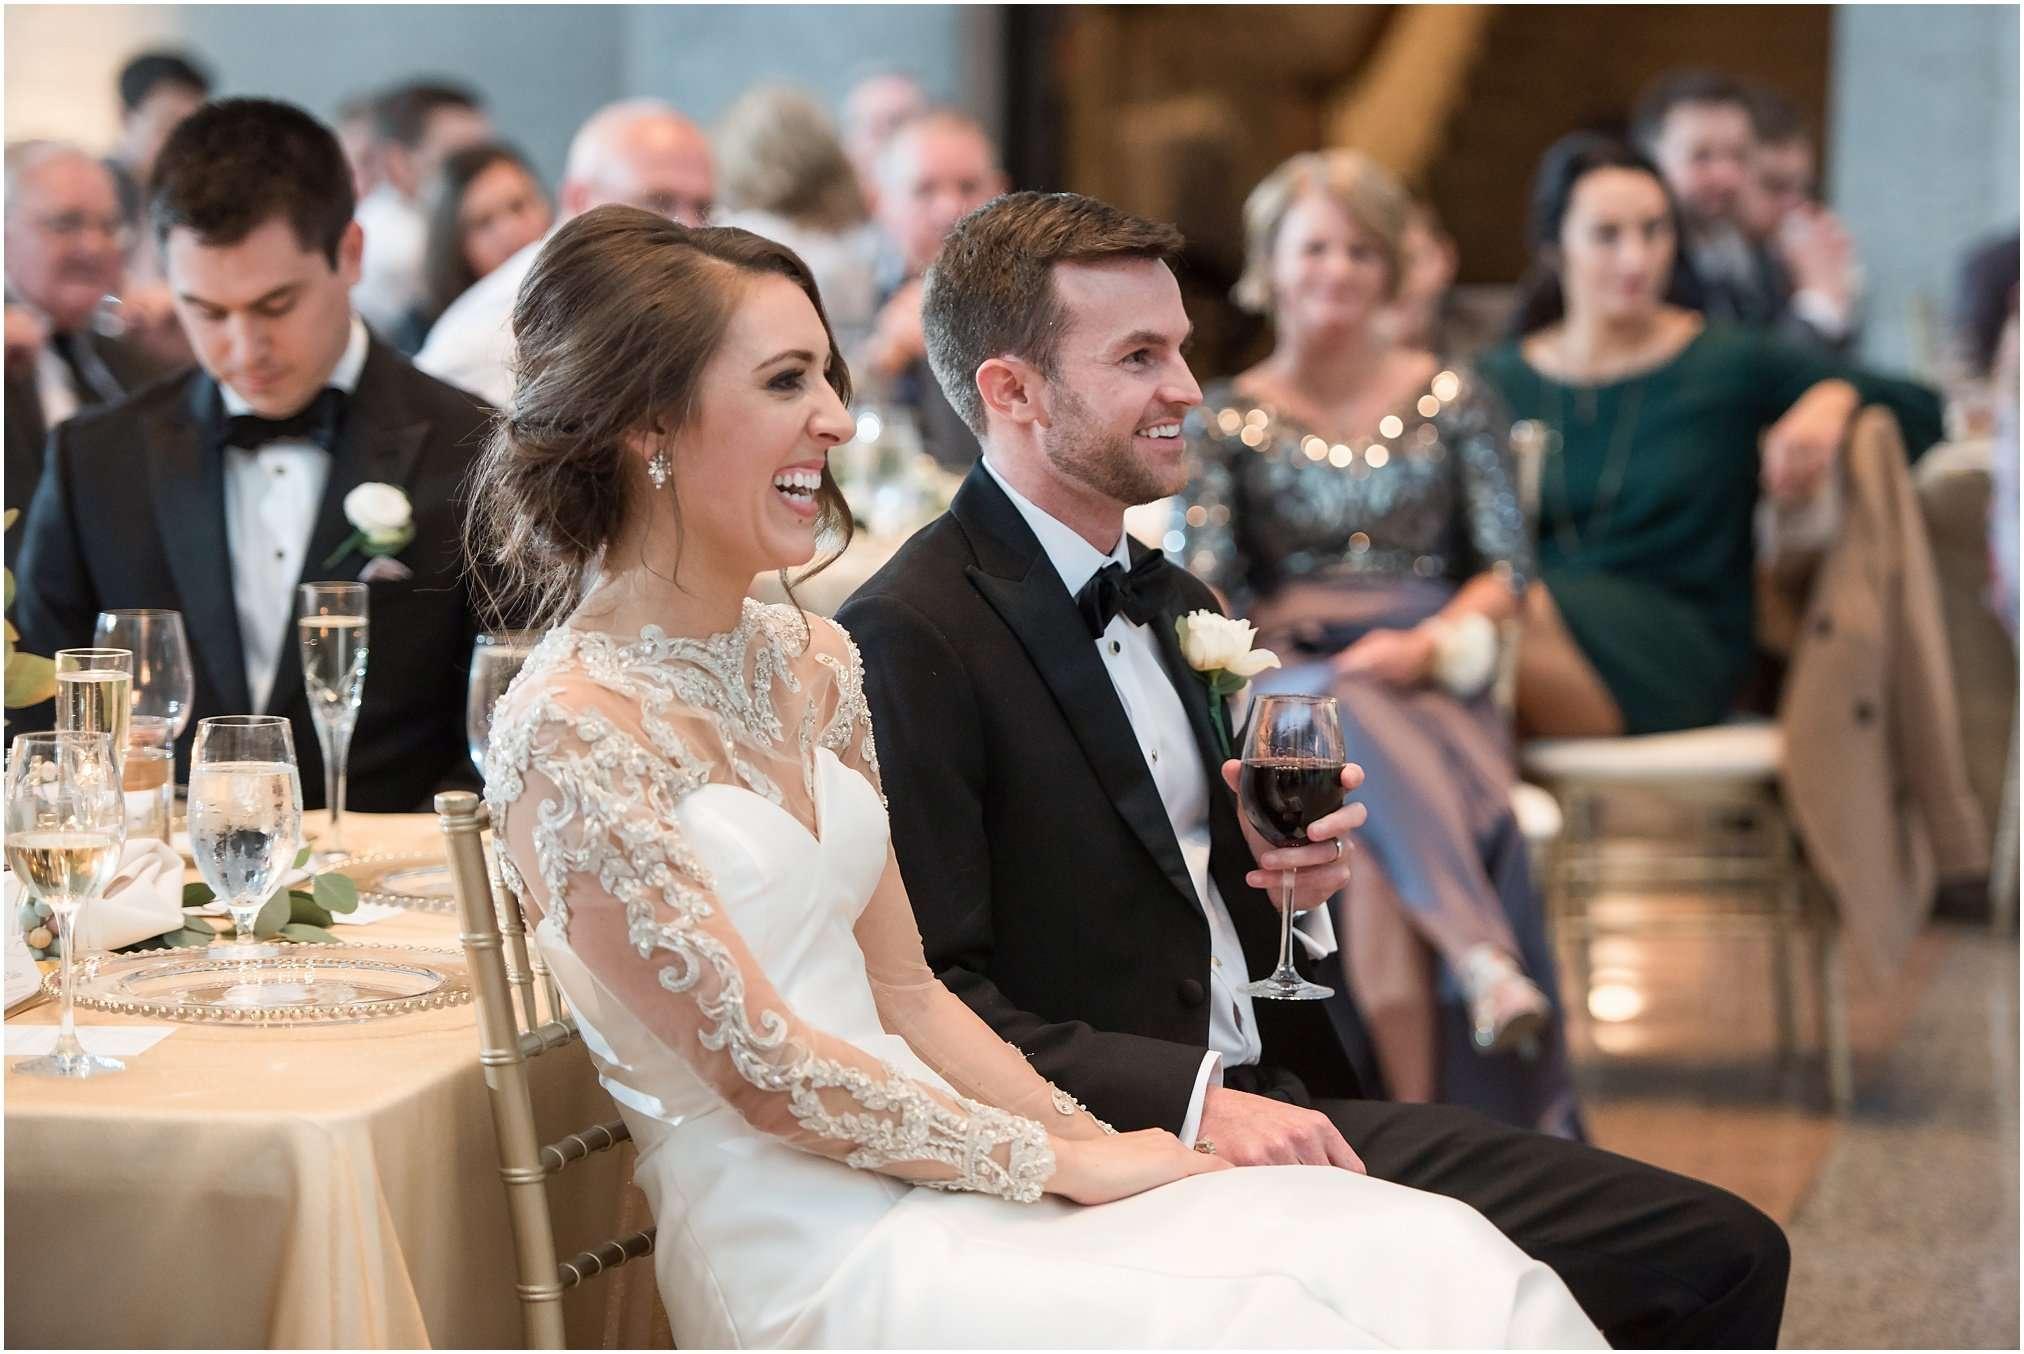 Spring Wedding at the Ohio Statehouse | Columbus Ohio Photography 190